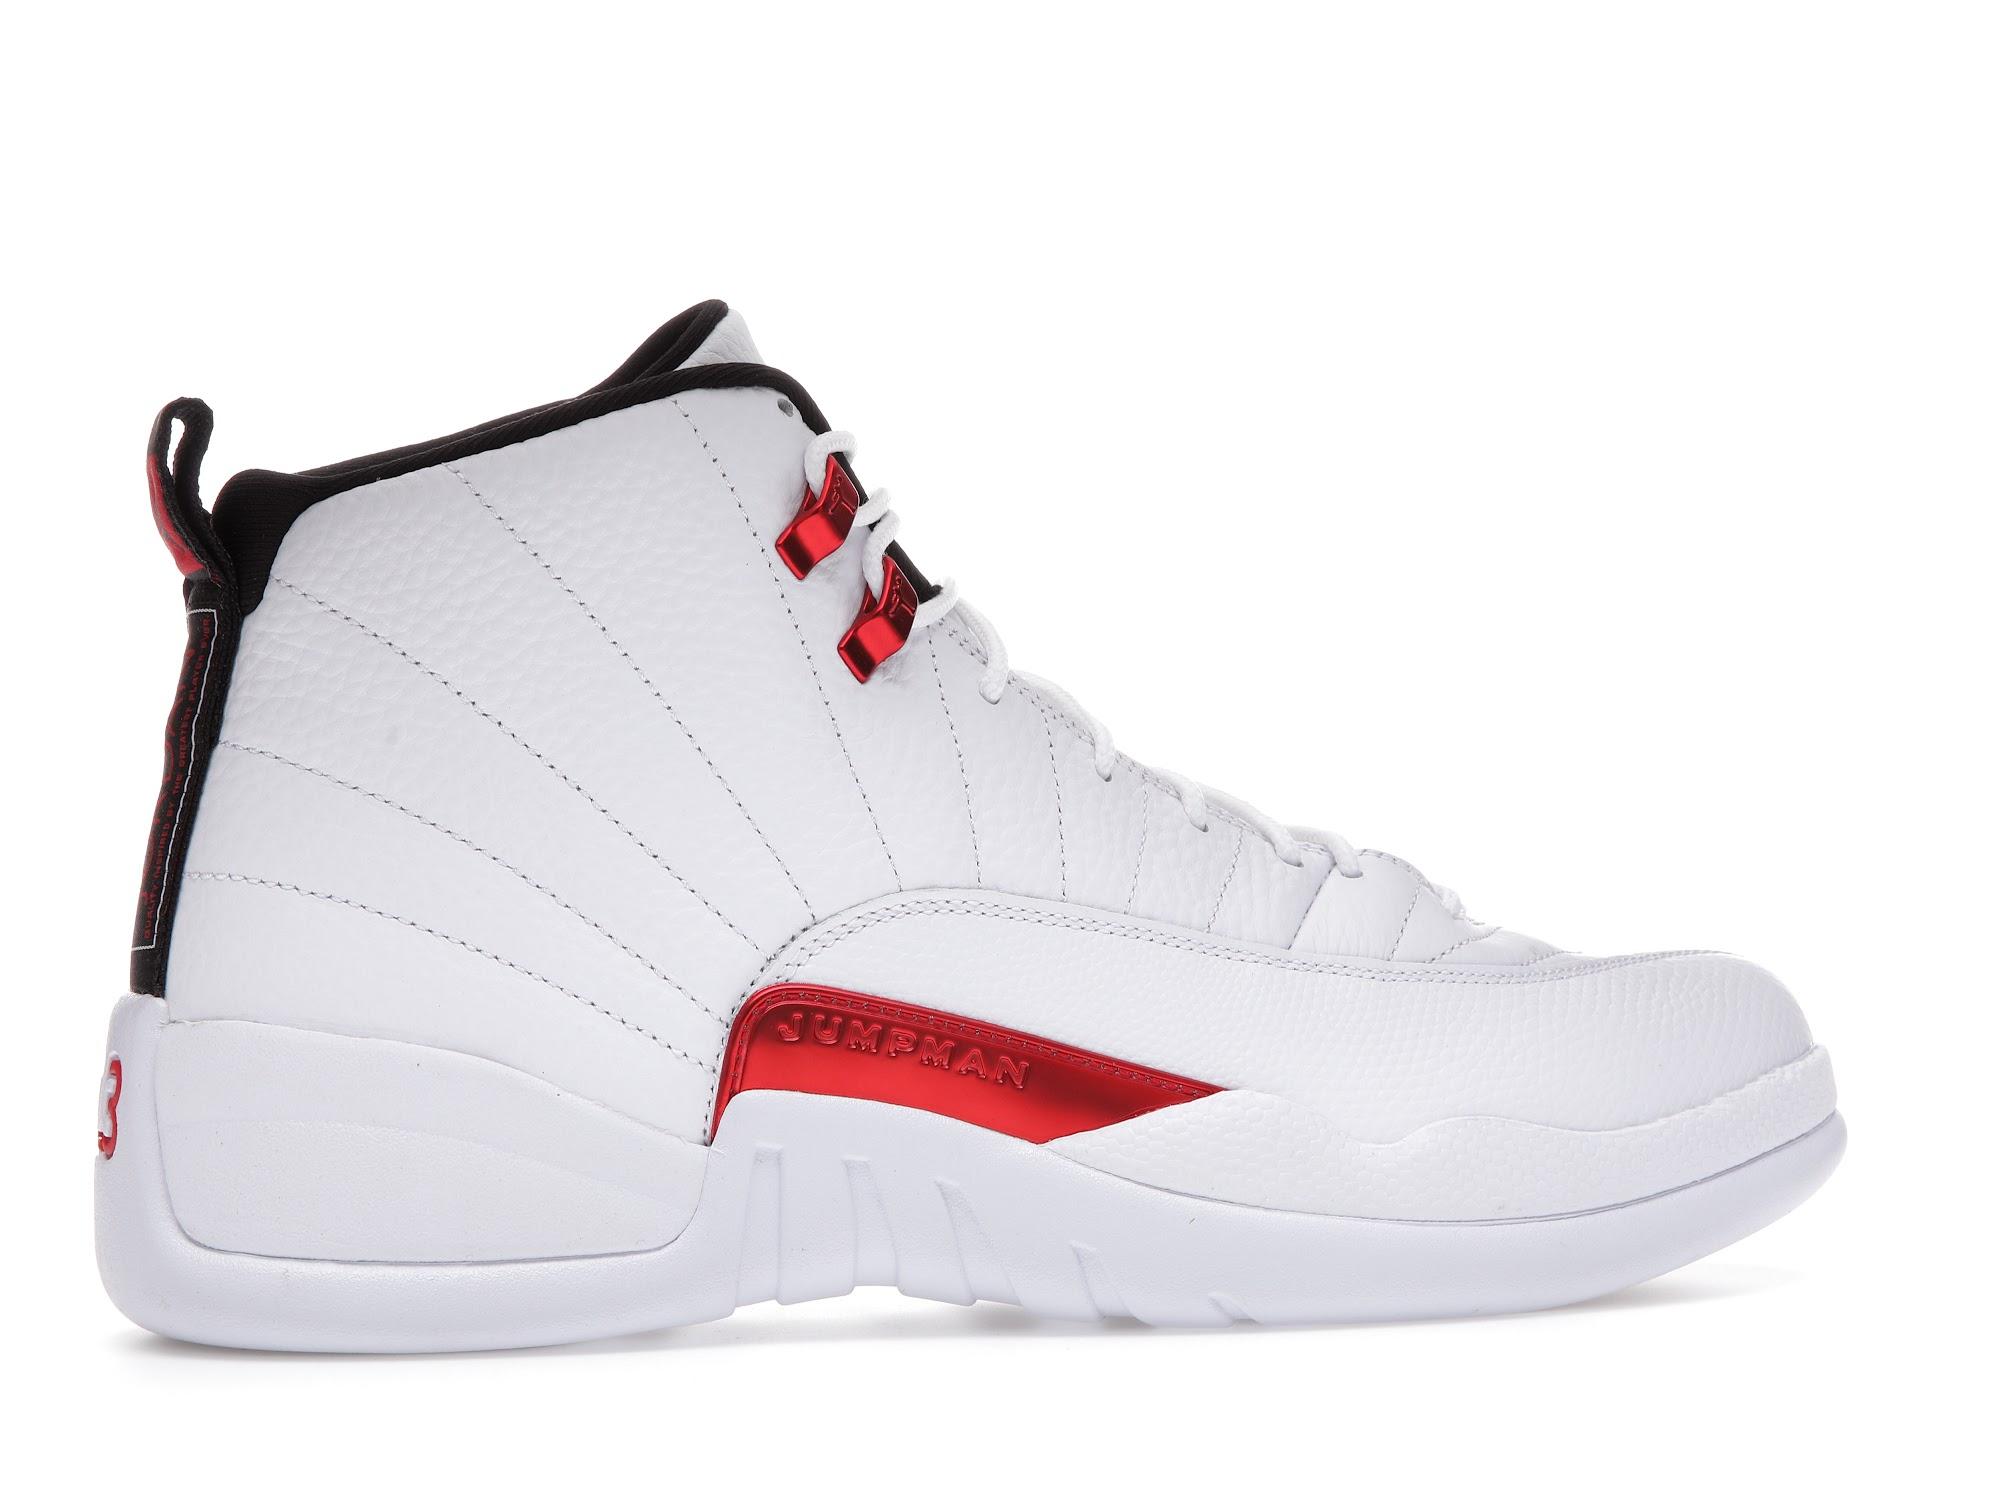 Jordan 12 Retro Twist